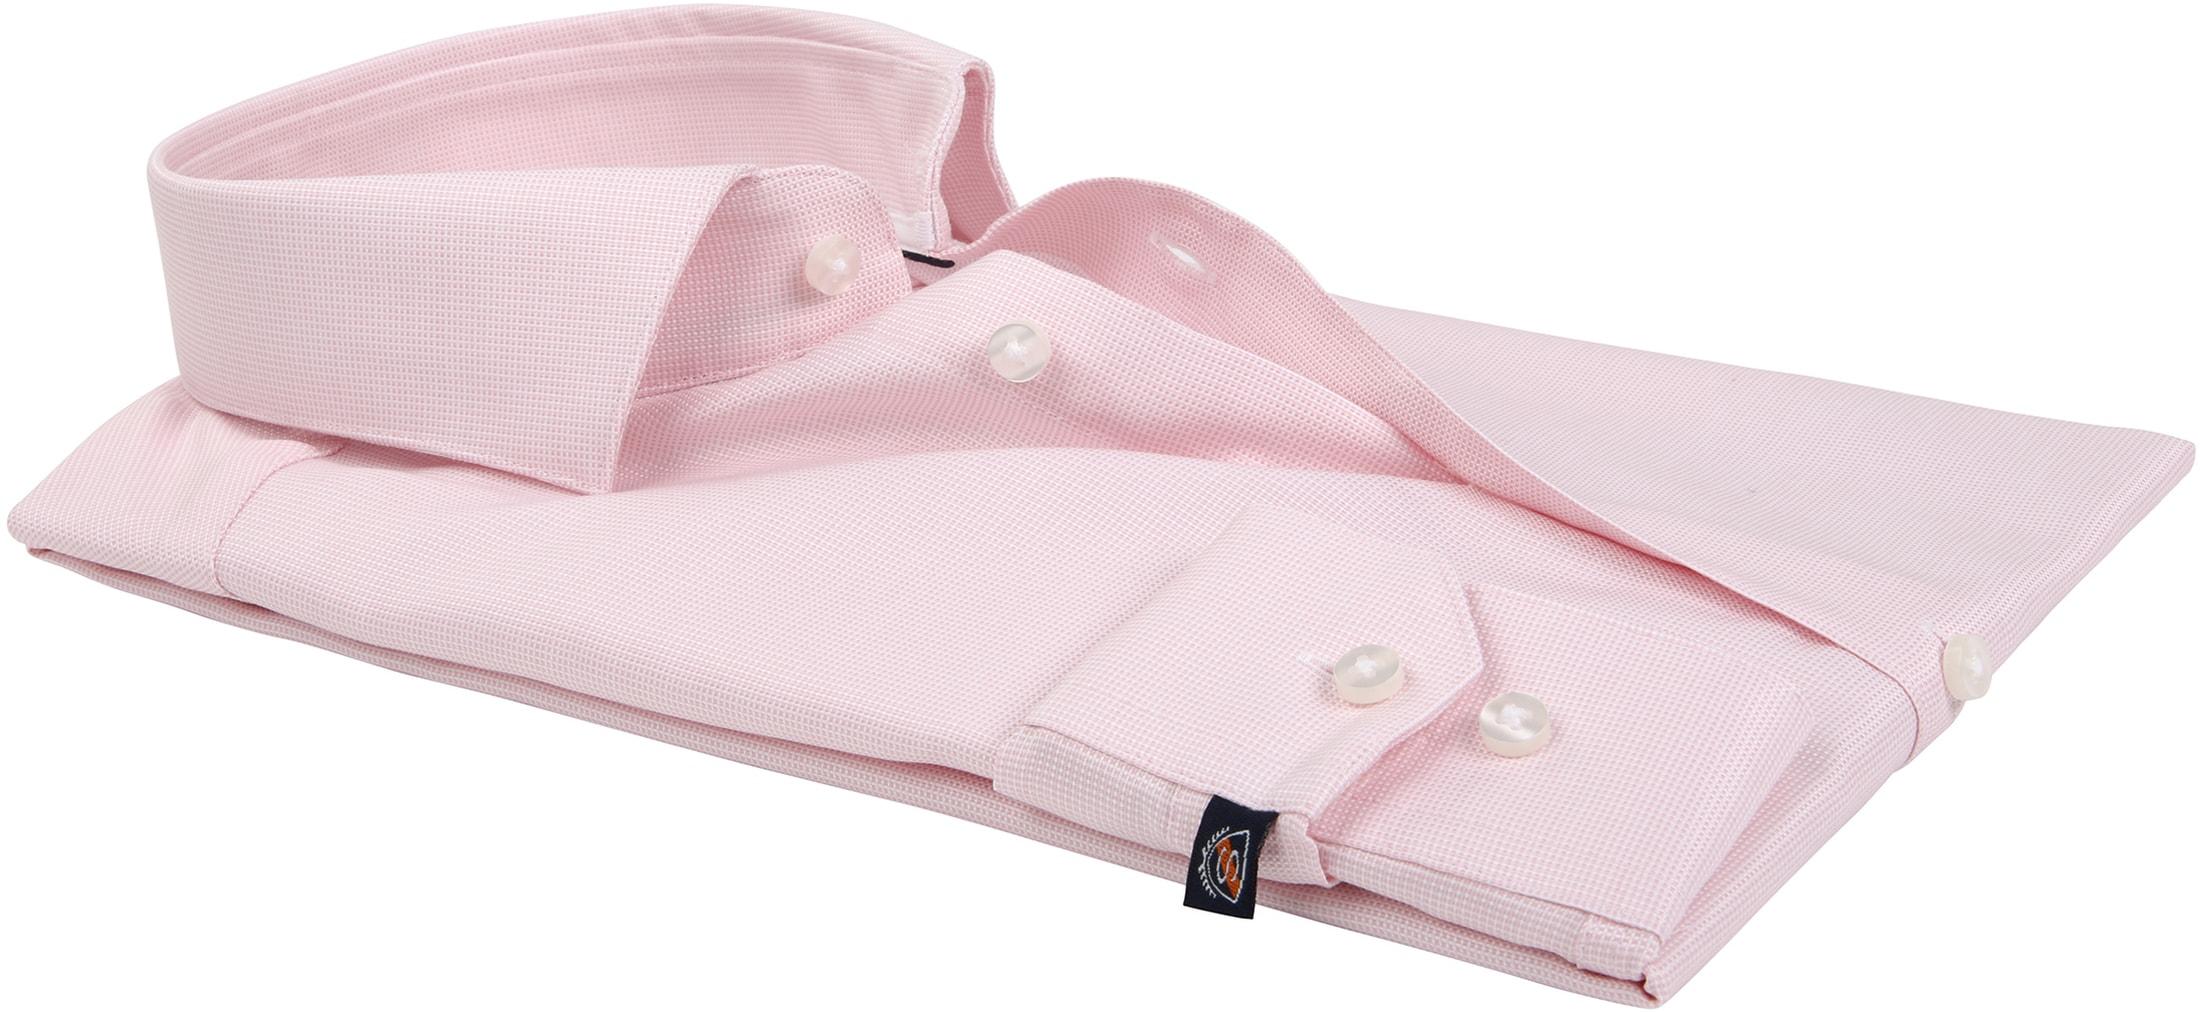 Suitable Overhemd Roze D81-16 foto 3